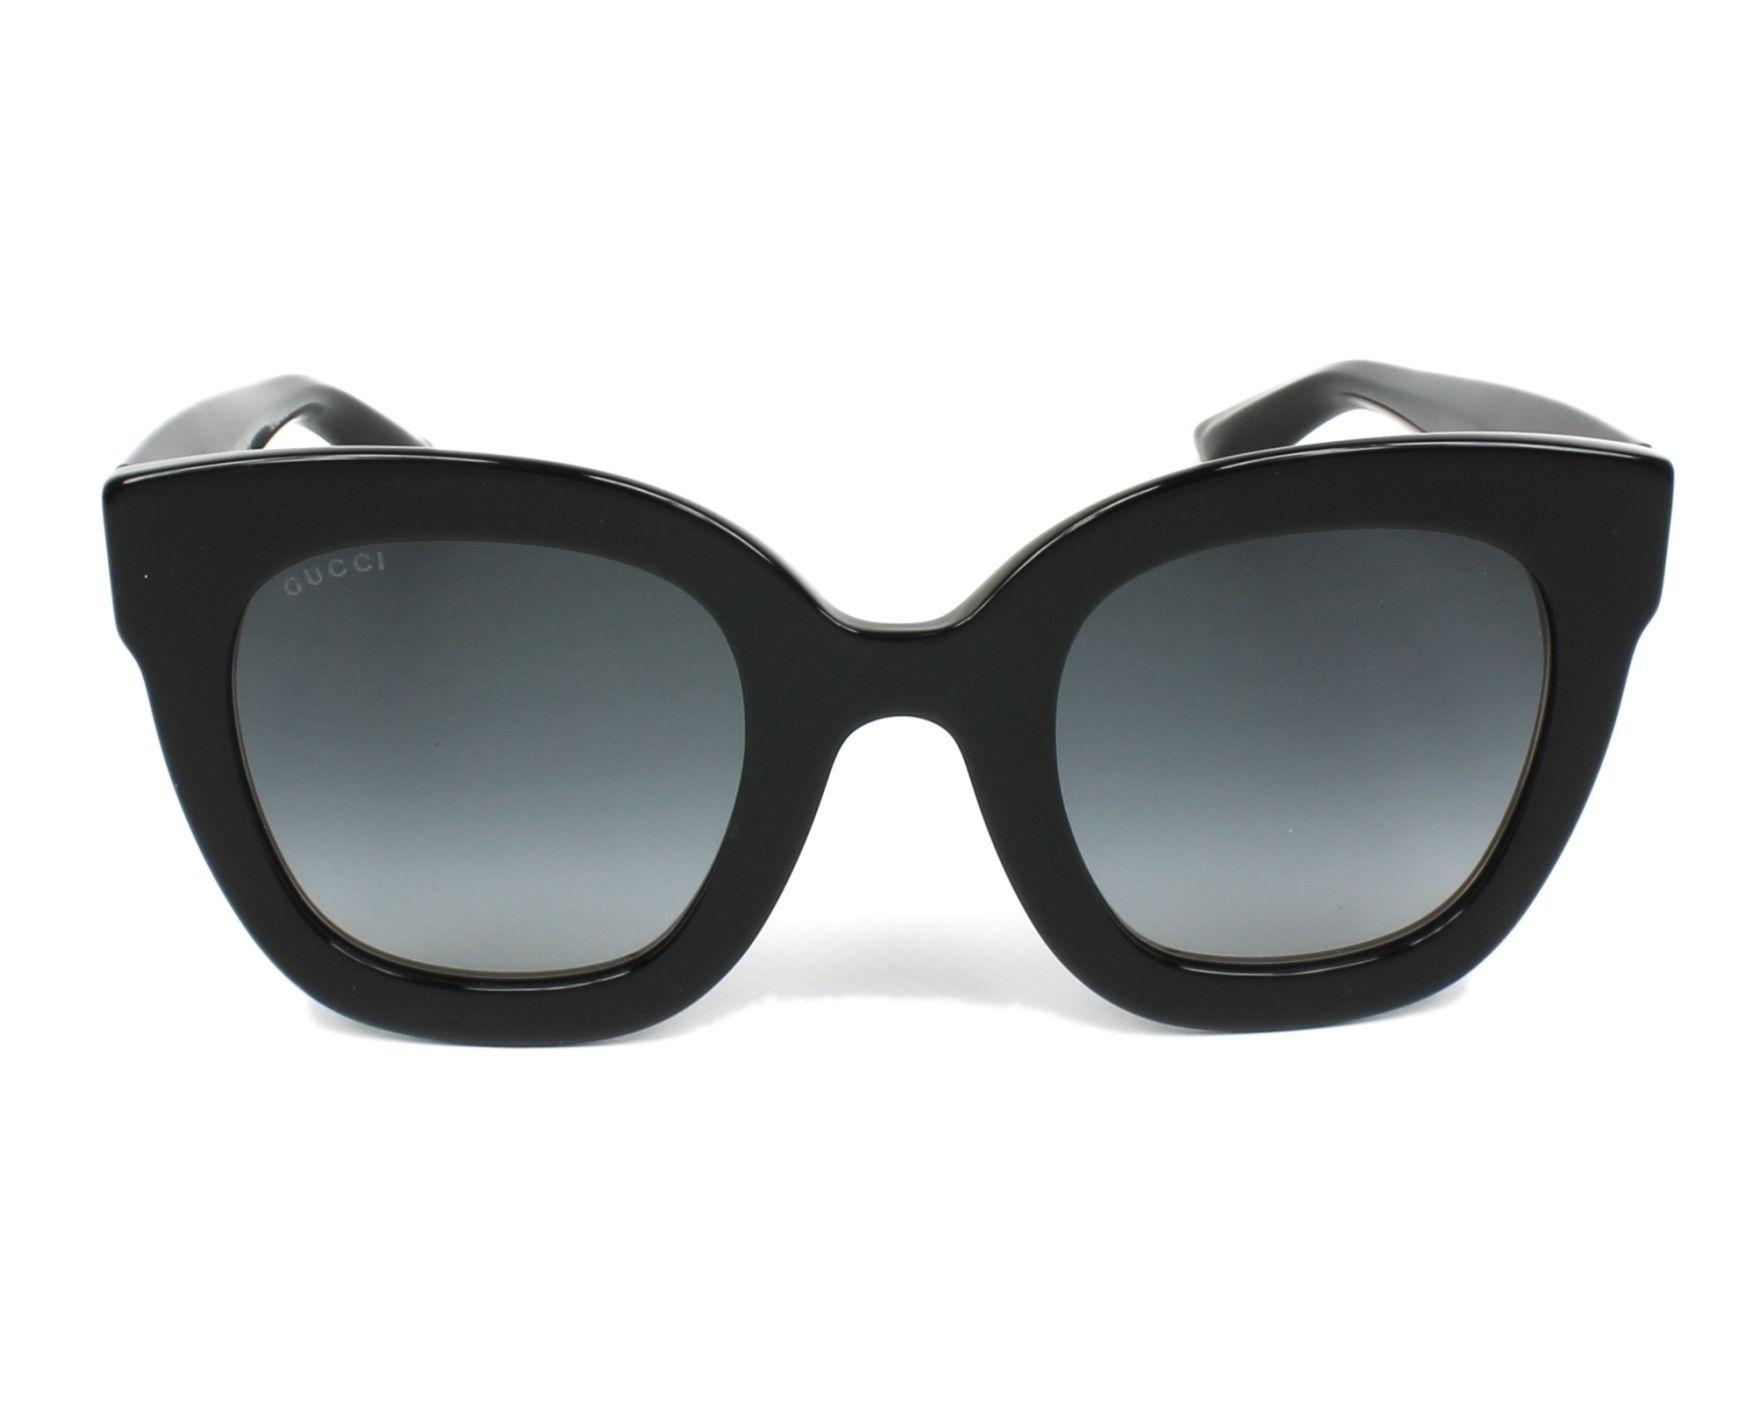 2b2061729ec Sunglasses Gucci GG-0208-S 001 49-25 Black front view